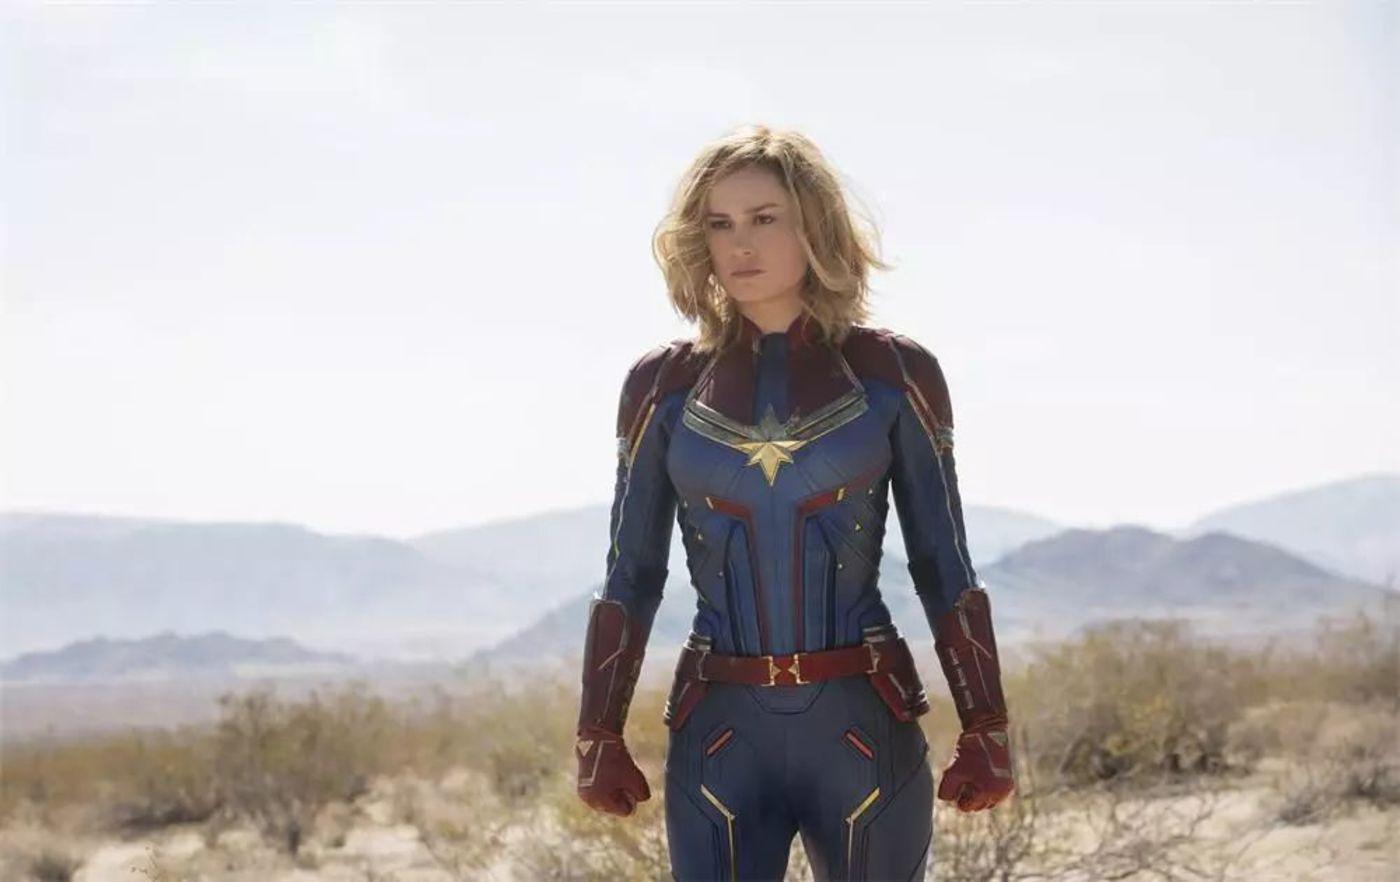 """《惊奇队长》后,好莱坞蔚然成风的女导演执掌""""超级大片""""何解?"""